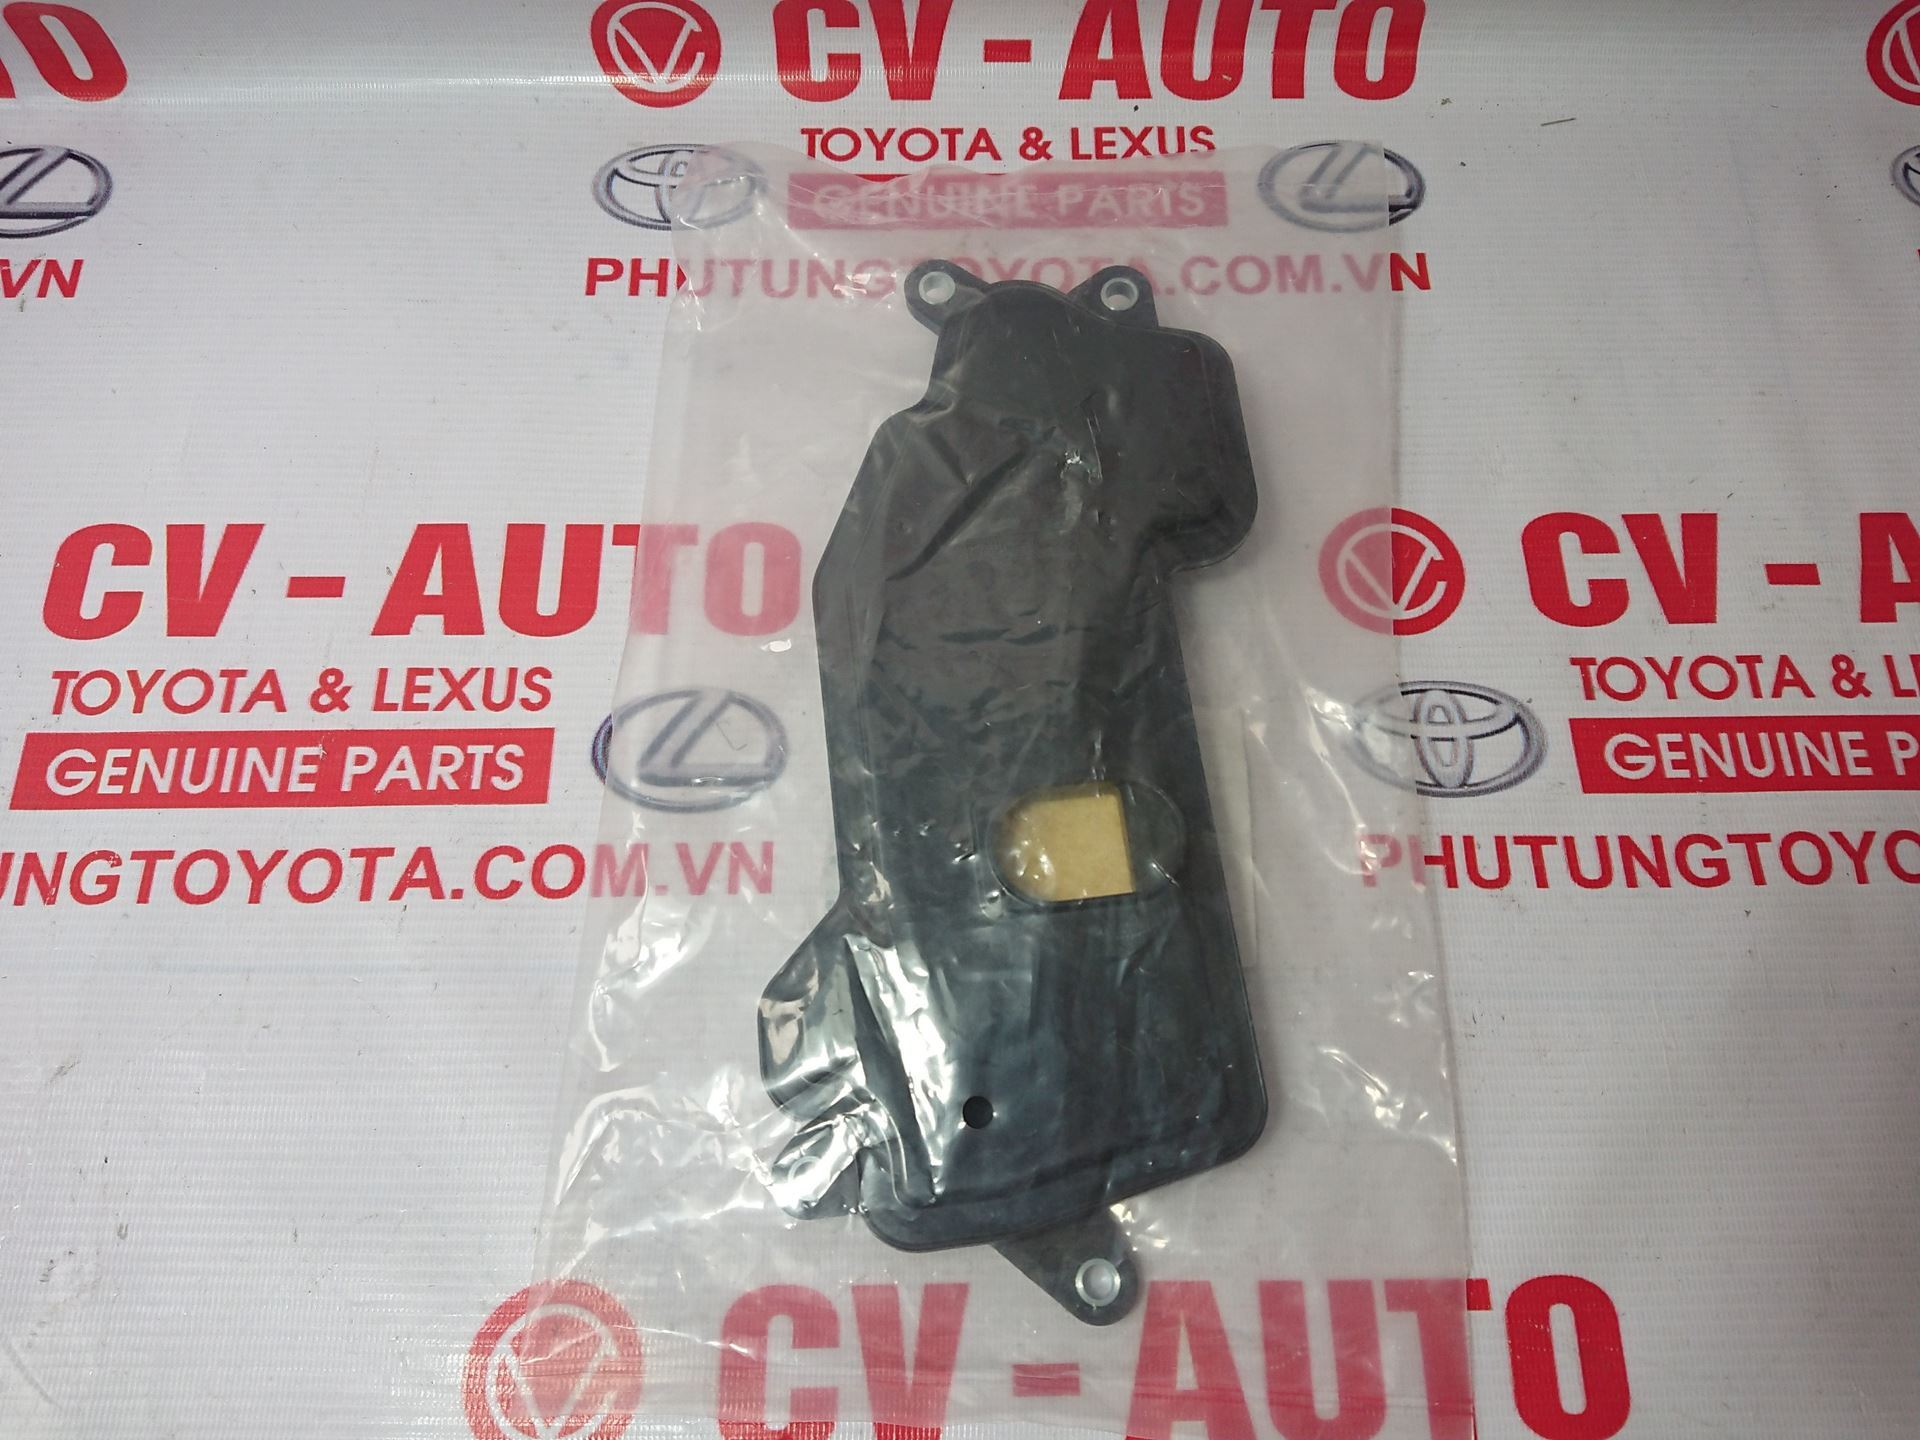 Picture of AFT-011 Lọc dầu số Lexus LS460 hàng chính hãng